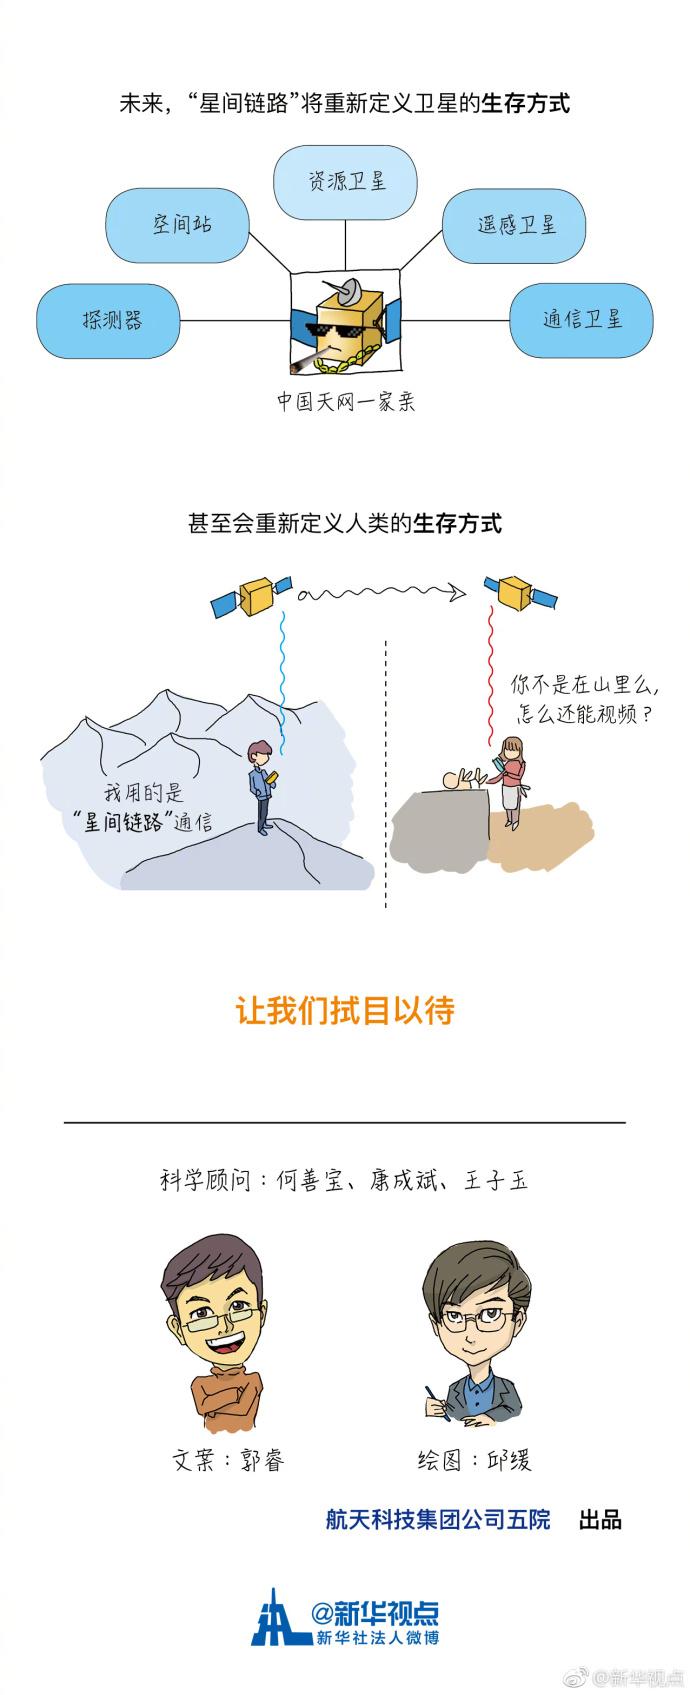 http://news.xinhuanet.com/tech/2017-11/06/1121910089_15099304341051n.jpg